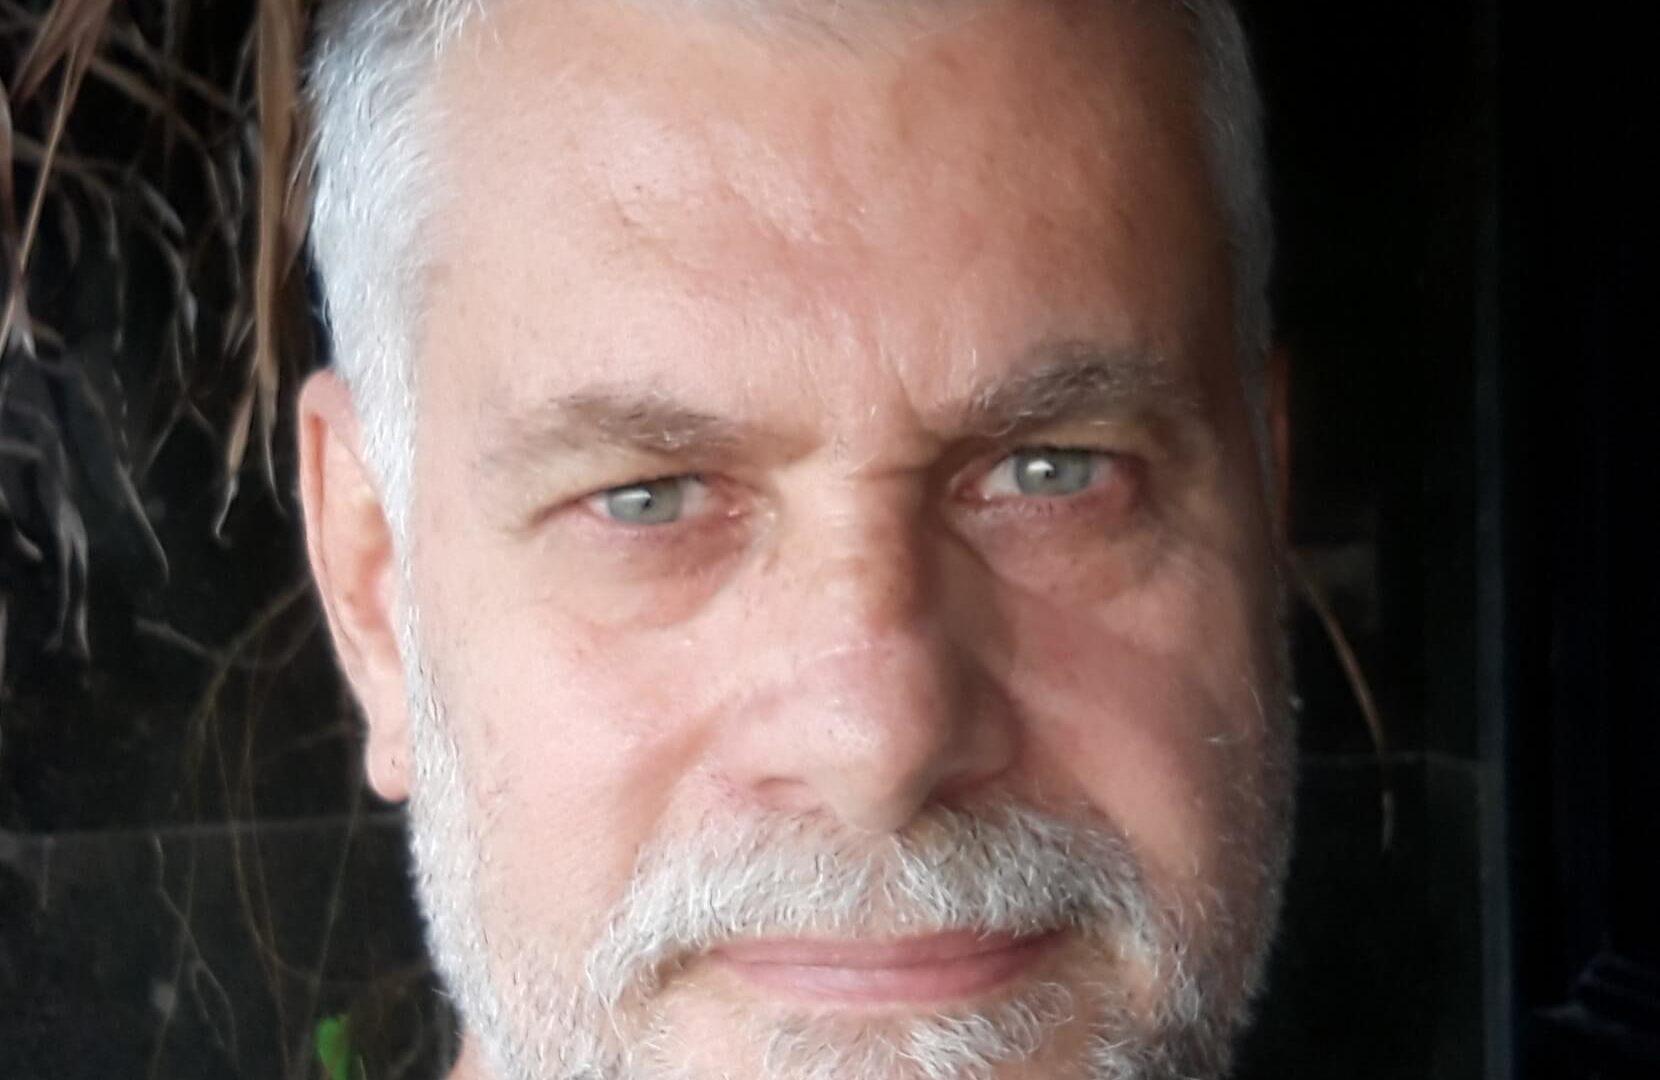 Fernando Riker